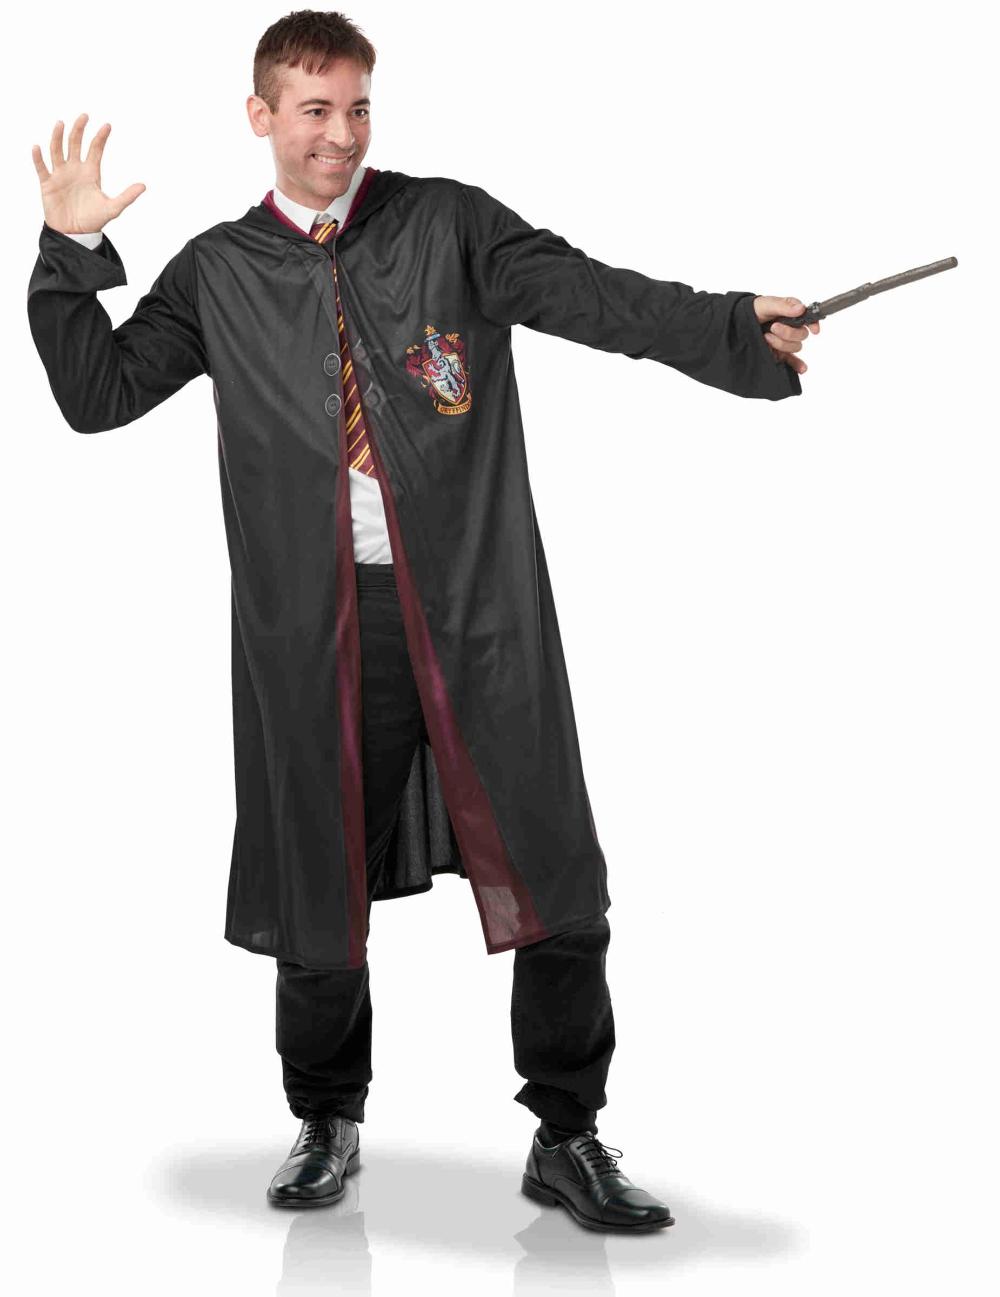 Harry Potter Kostuum Met Accessoires Voor Volwassenen Dit Harry Potter Kostuum Voor Volwassenen Heeft De Officiel Kostumer Harry Potter Kostume Harry Potter